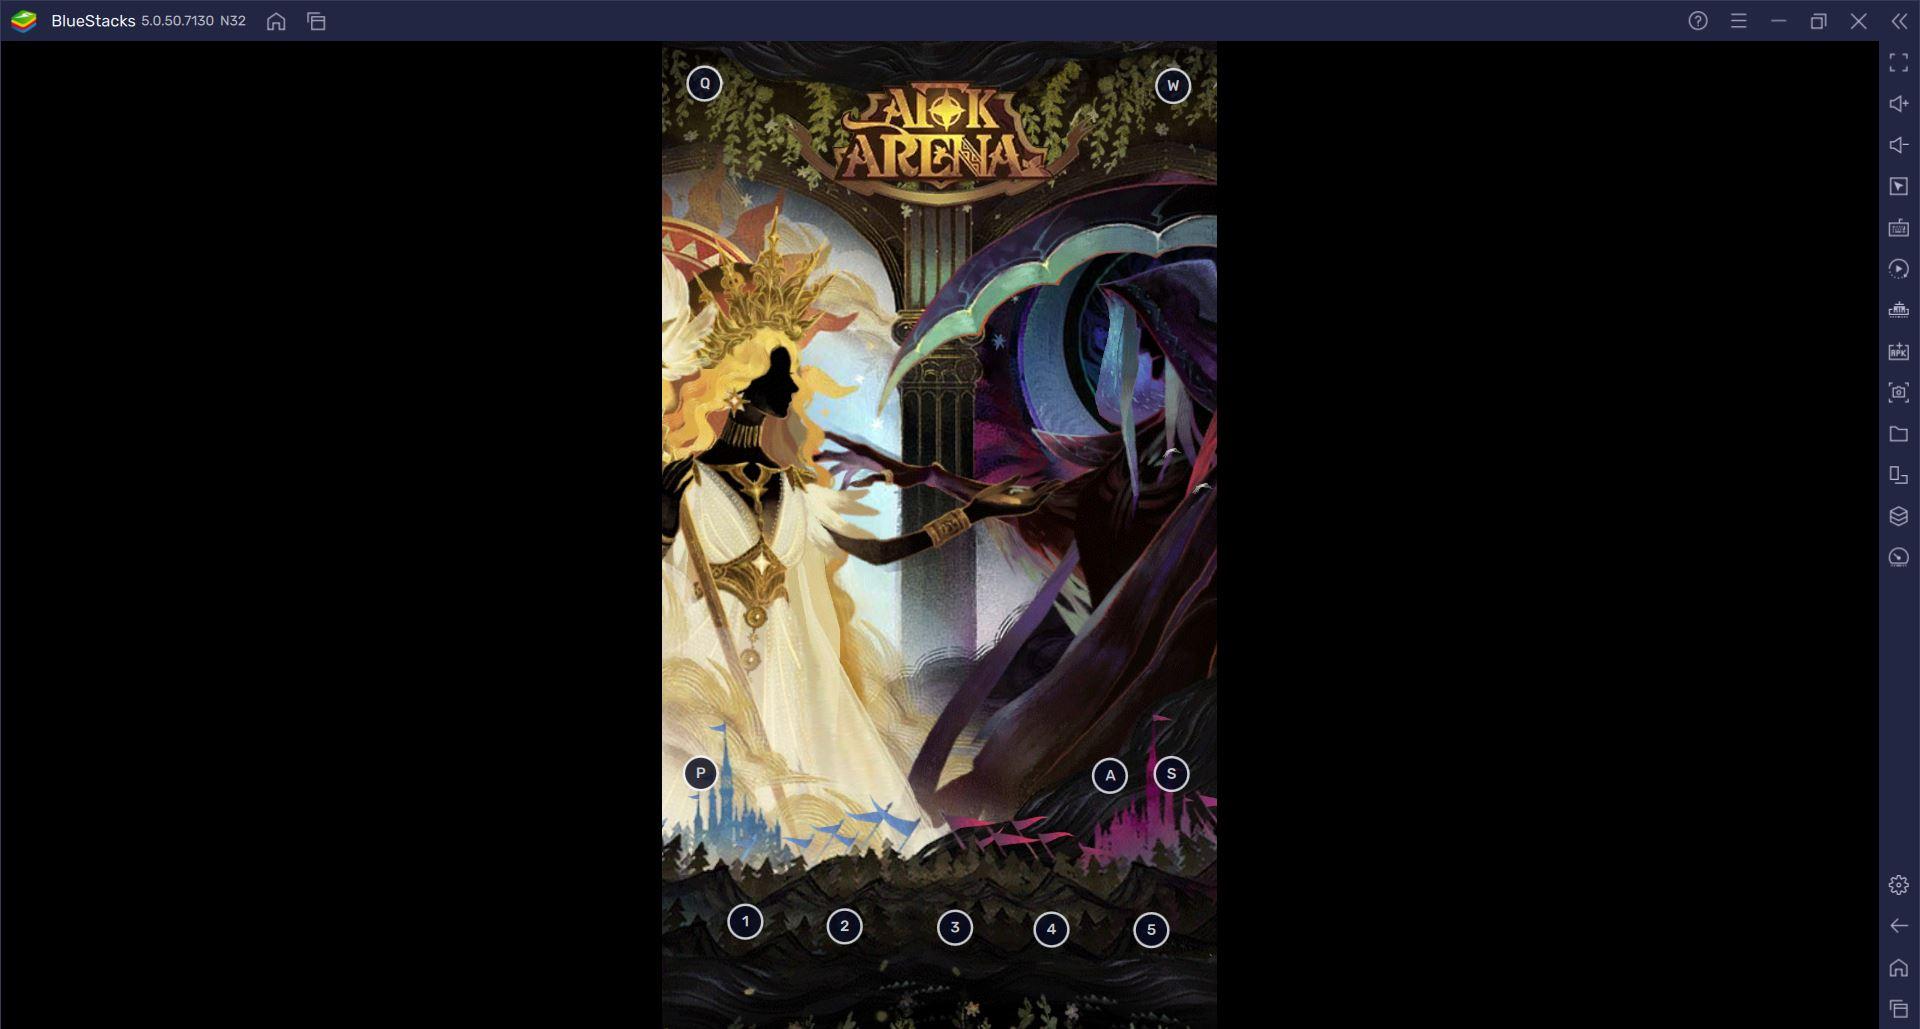 5 tolle Handyspiele, die du mit der neuen weltweiten Veröffentlichung von BlueStacks 5 auf dem PC genießen kannst